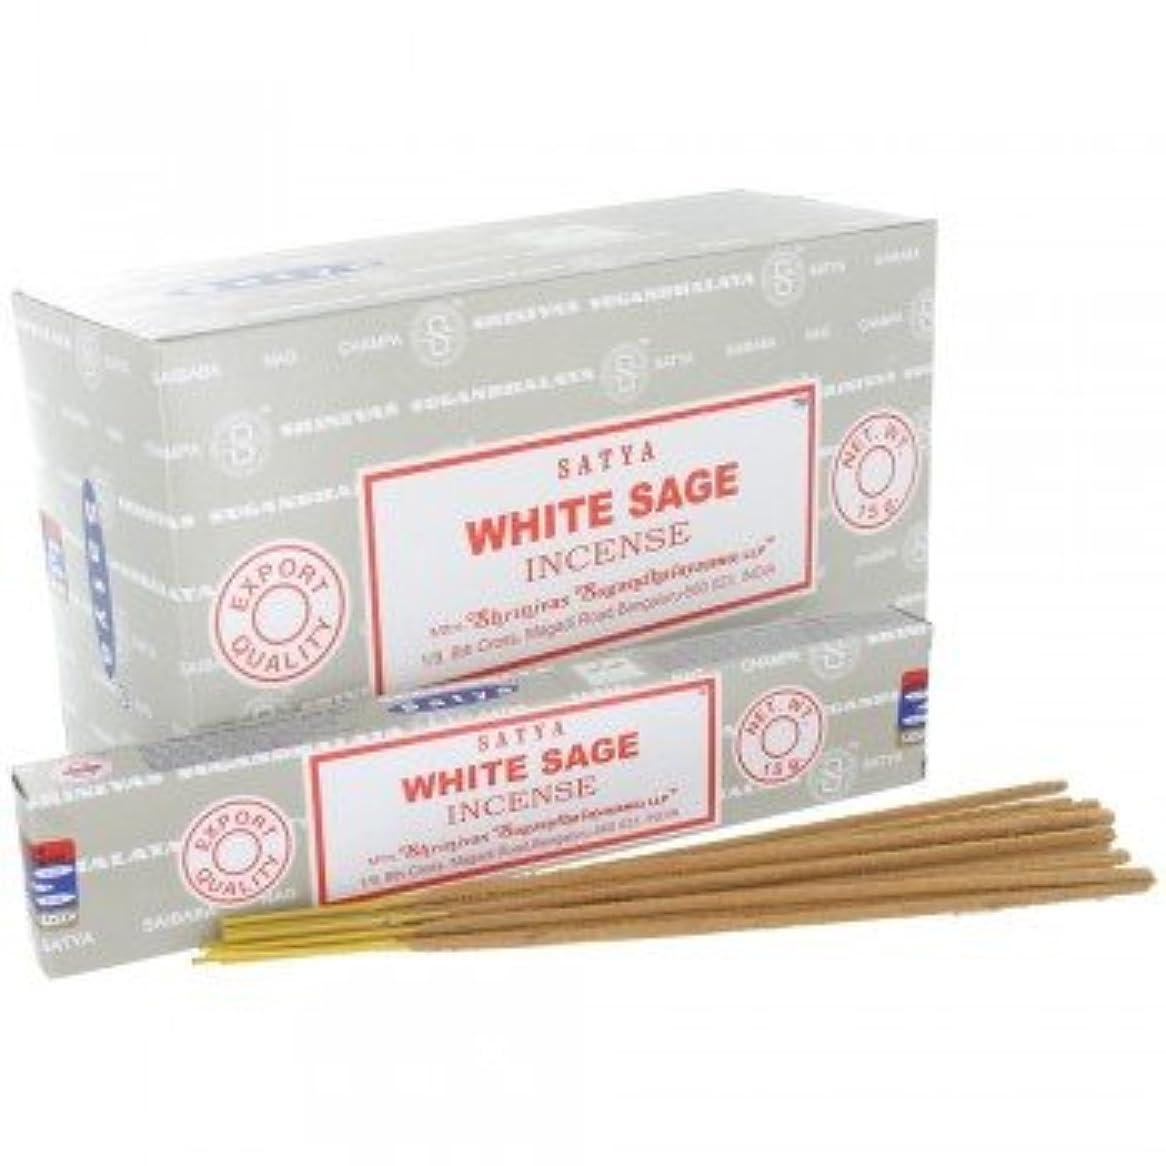 変装した味方自発SATYA WHITE SAGE ホワイトセージ 聖なる樹 浄化 お香 スティック 約15g入 (1個) [並行輸入品]